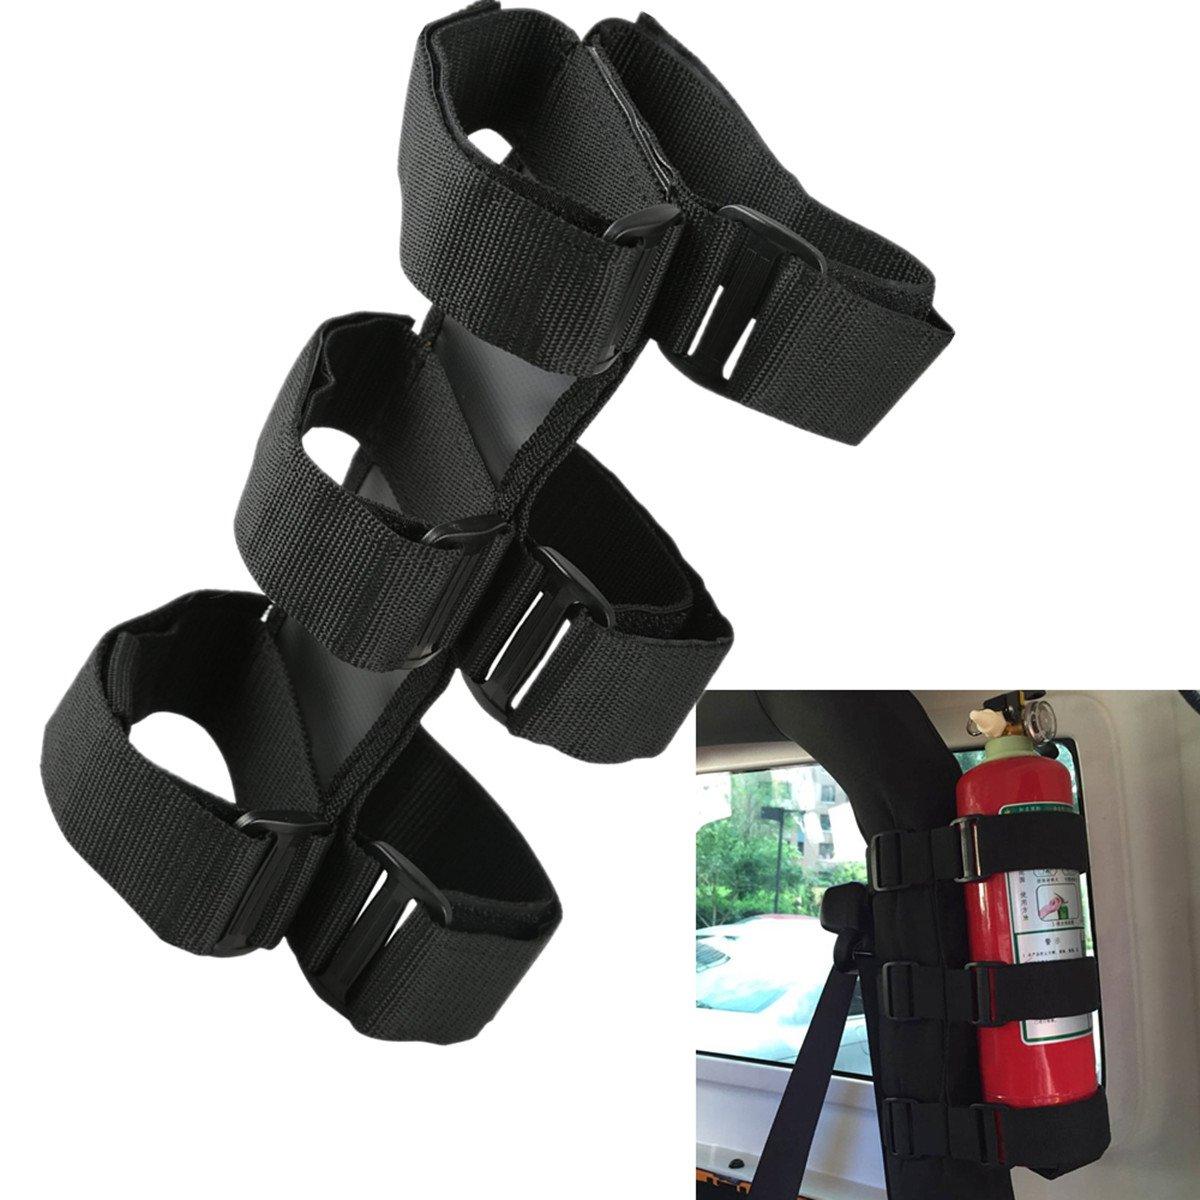 Black Adjustable Roll Bar Fire Extinguisher Holder For Jeep Wrangler TJ YJ JK CJ